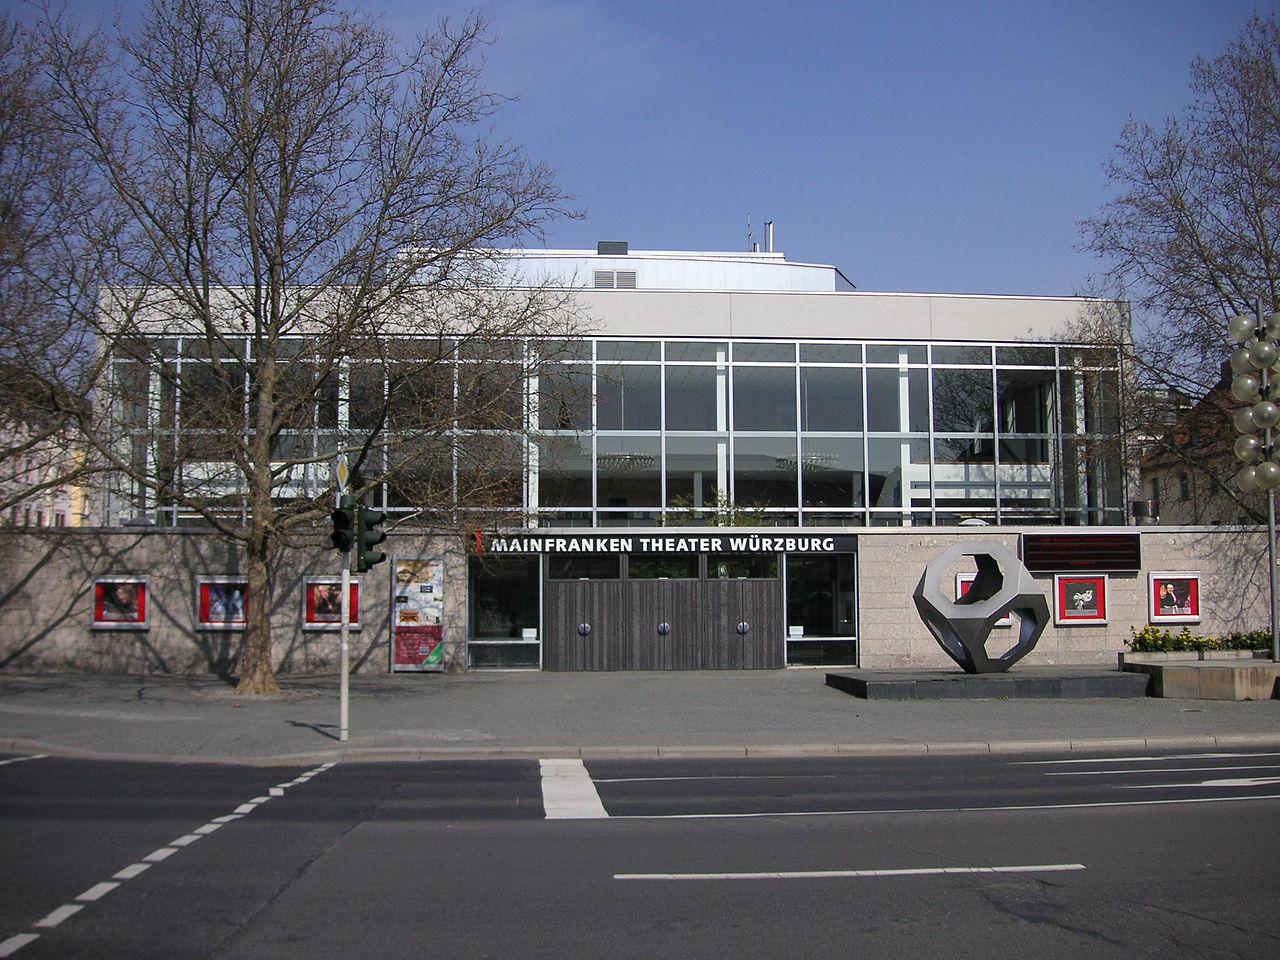 Bild Mainfranken Theater Würzburg